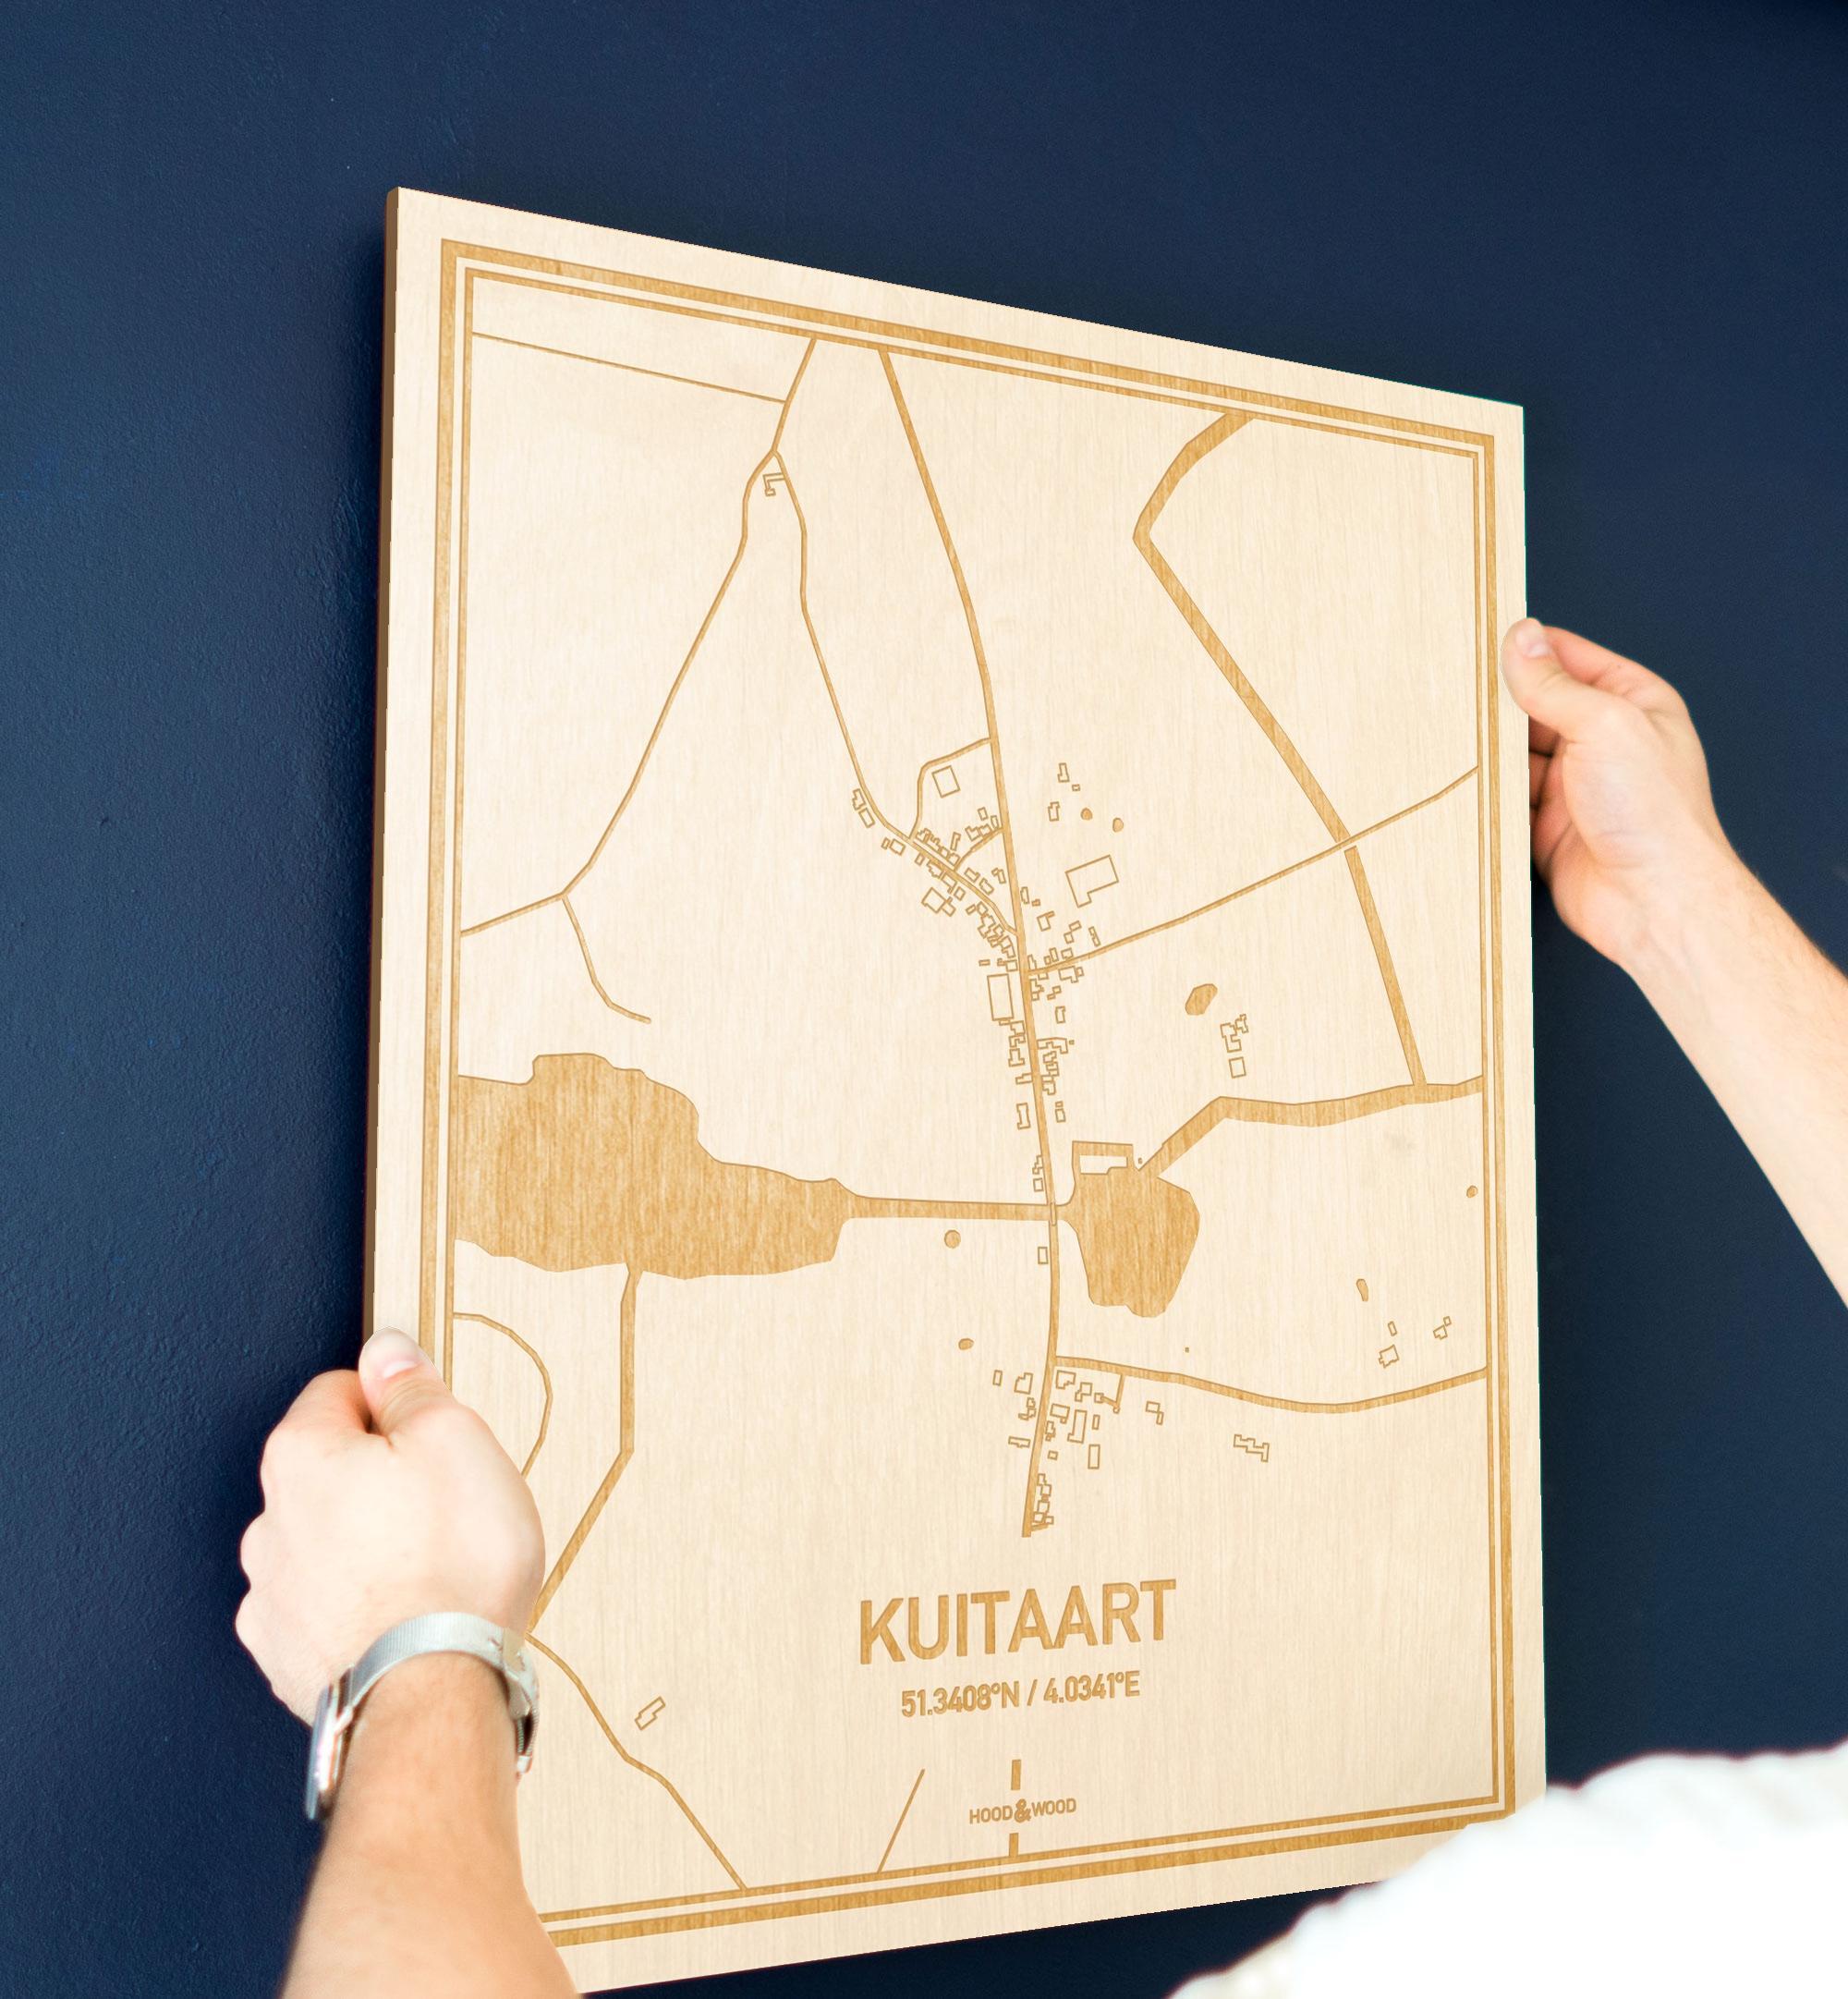 Een man hangt de houten plattegrond Kuitaart aan zijn blauwe muur ter decoratie. Je ziet alleen zijn handen de kaart van deze unieke in Zeeland vasthouden.